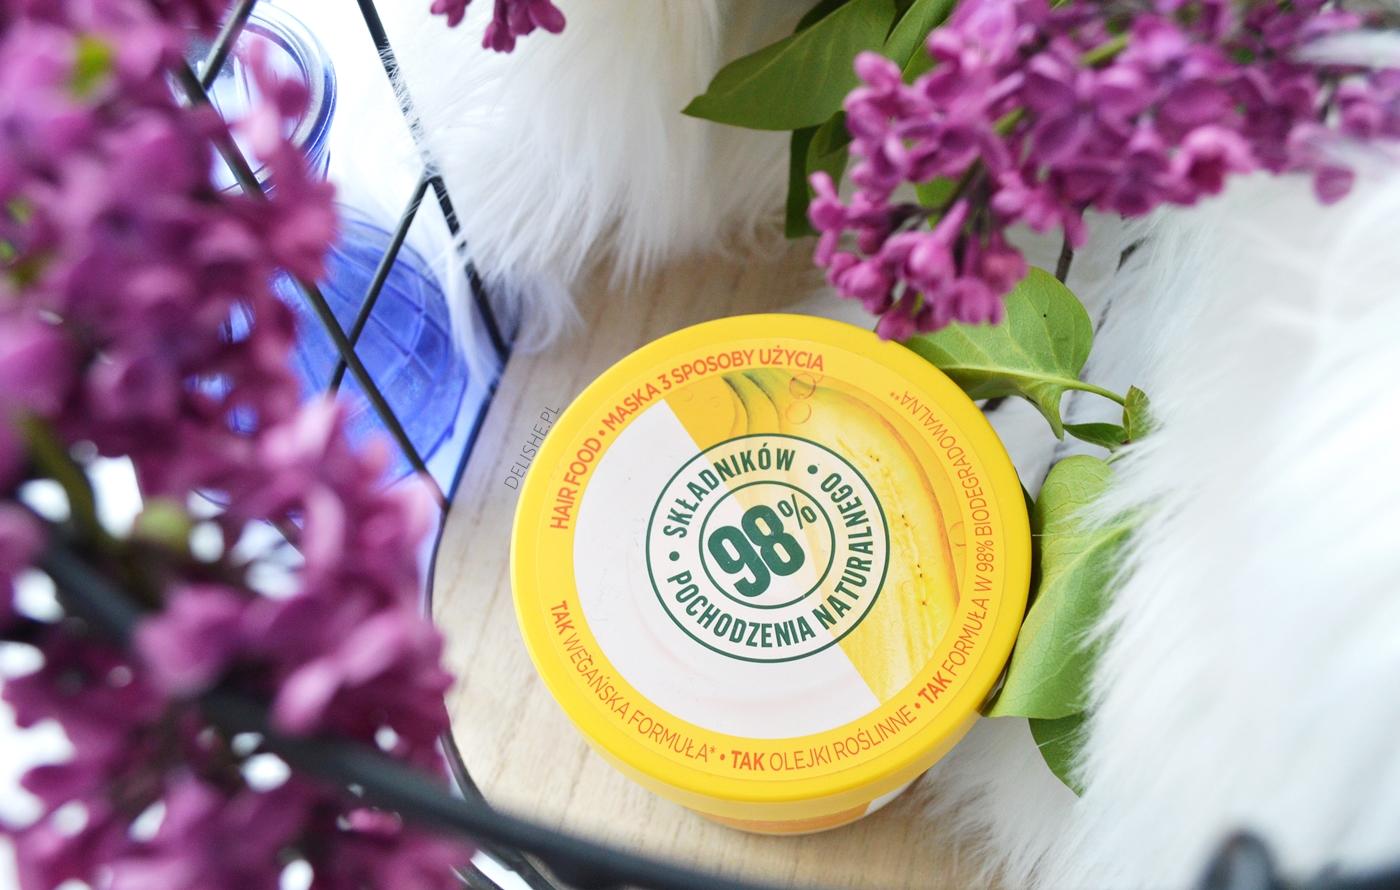 pewniaki kosmetyczne do pielęgnacji, garnier hair food banana